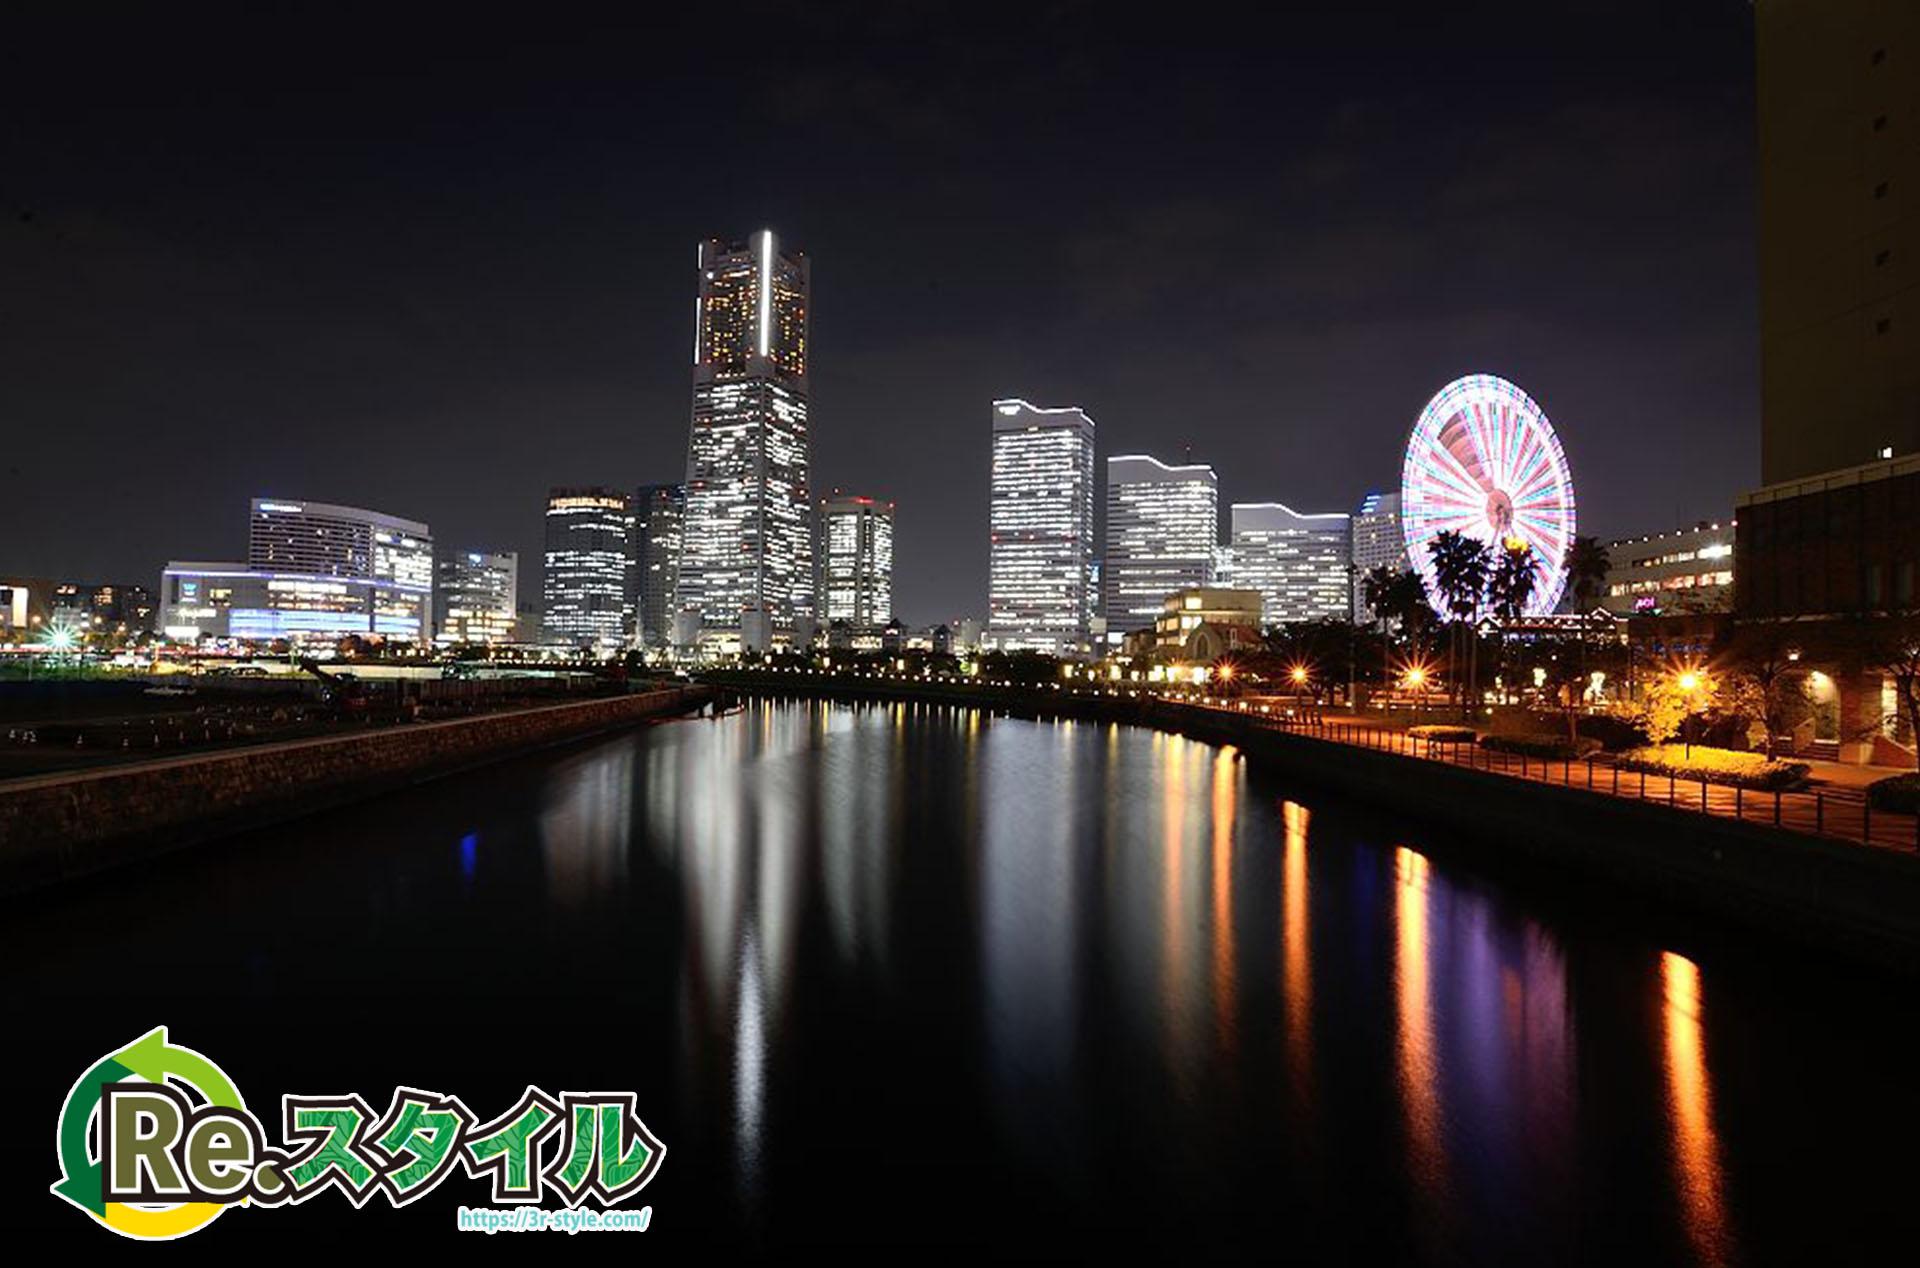 神奈川県横浜市保土ケ谷区でパソコンを処分するならどうしたらいい?おすすめの回収業者と処分の流れ